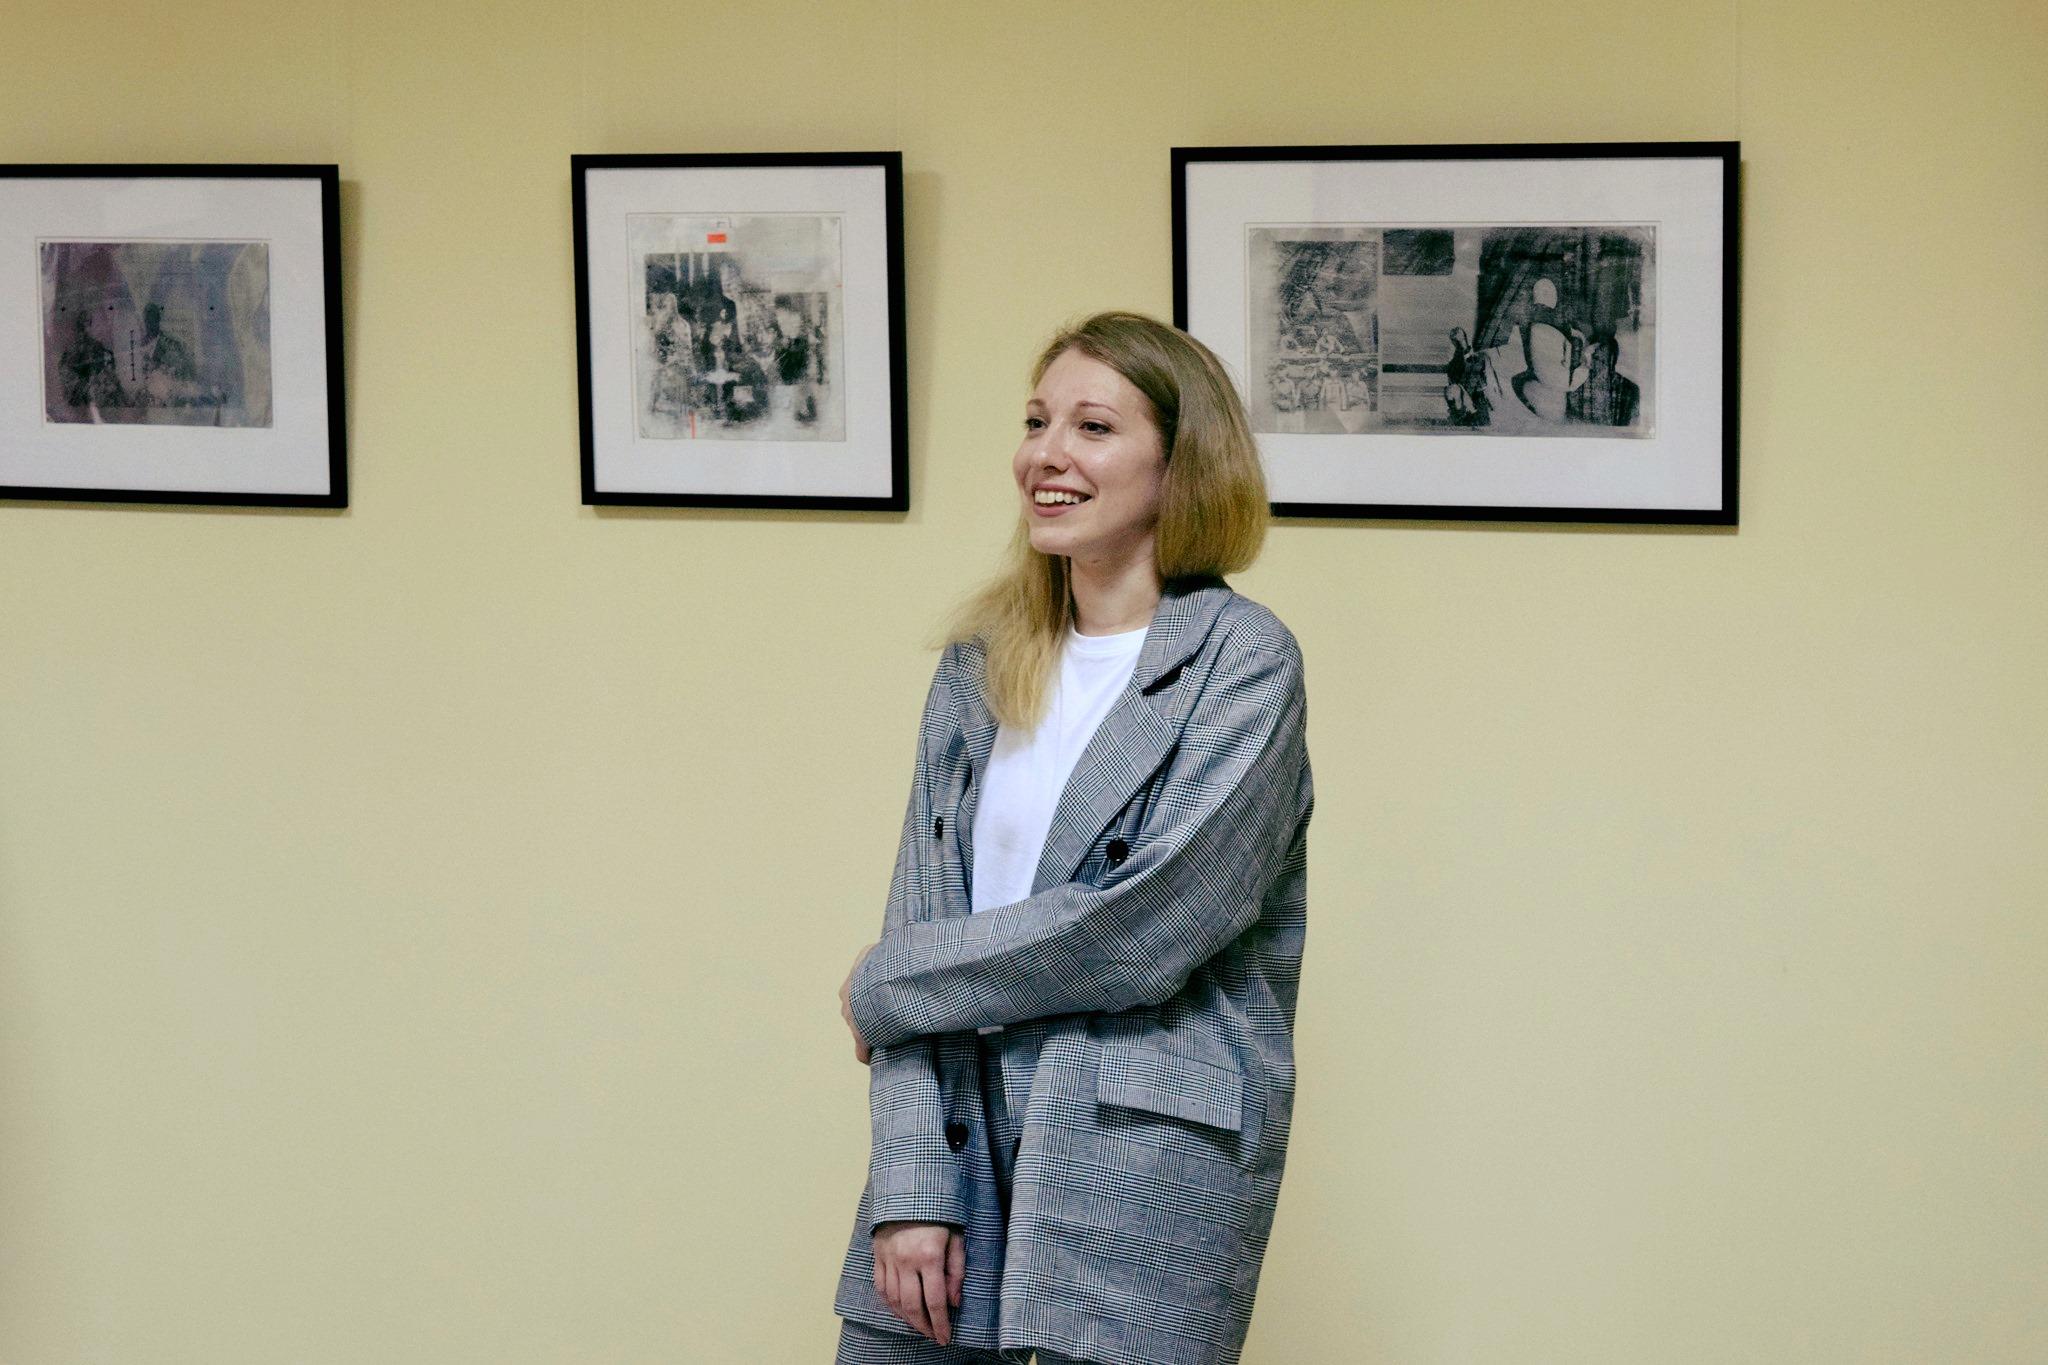 Папір і метал: у Франківську відкрили виставку оригінальної графіки 6